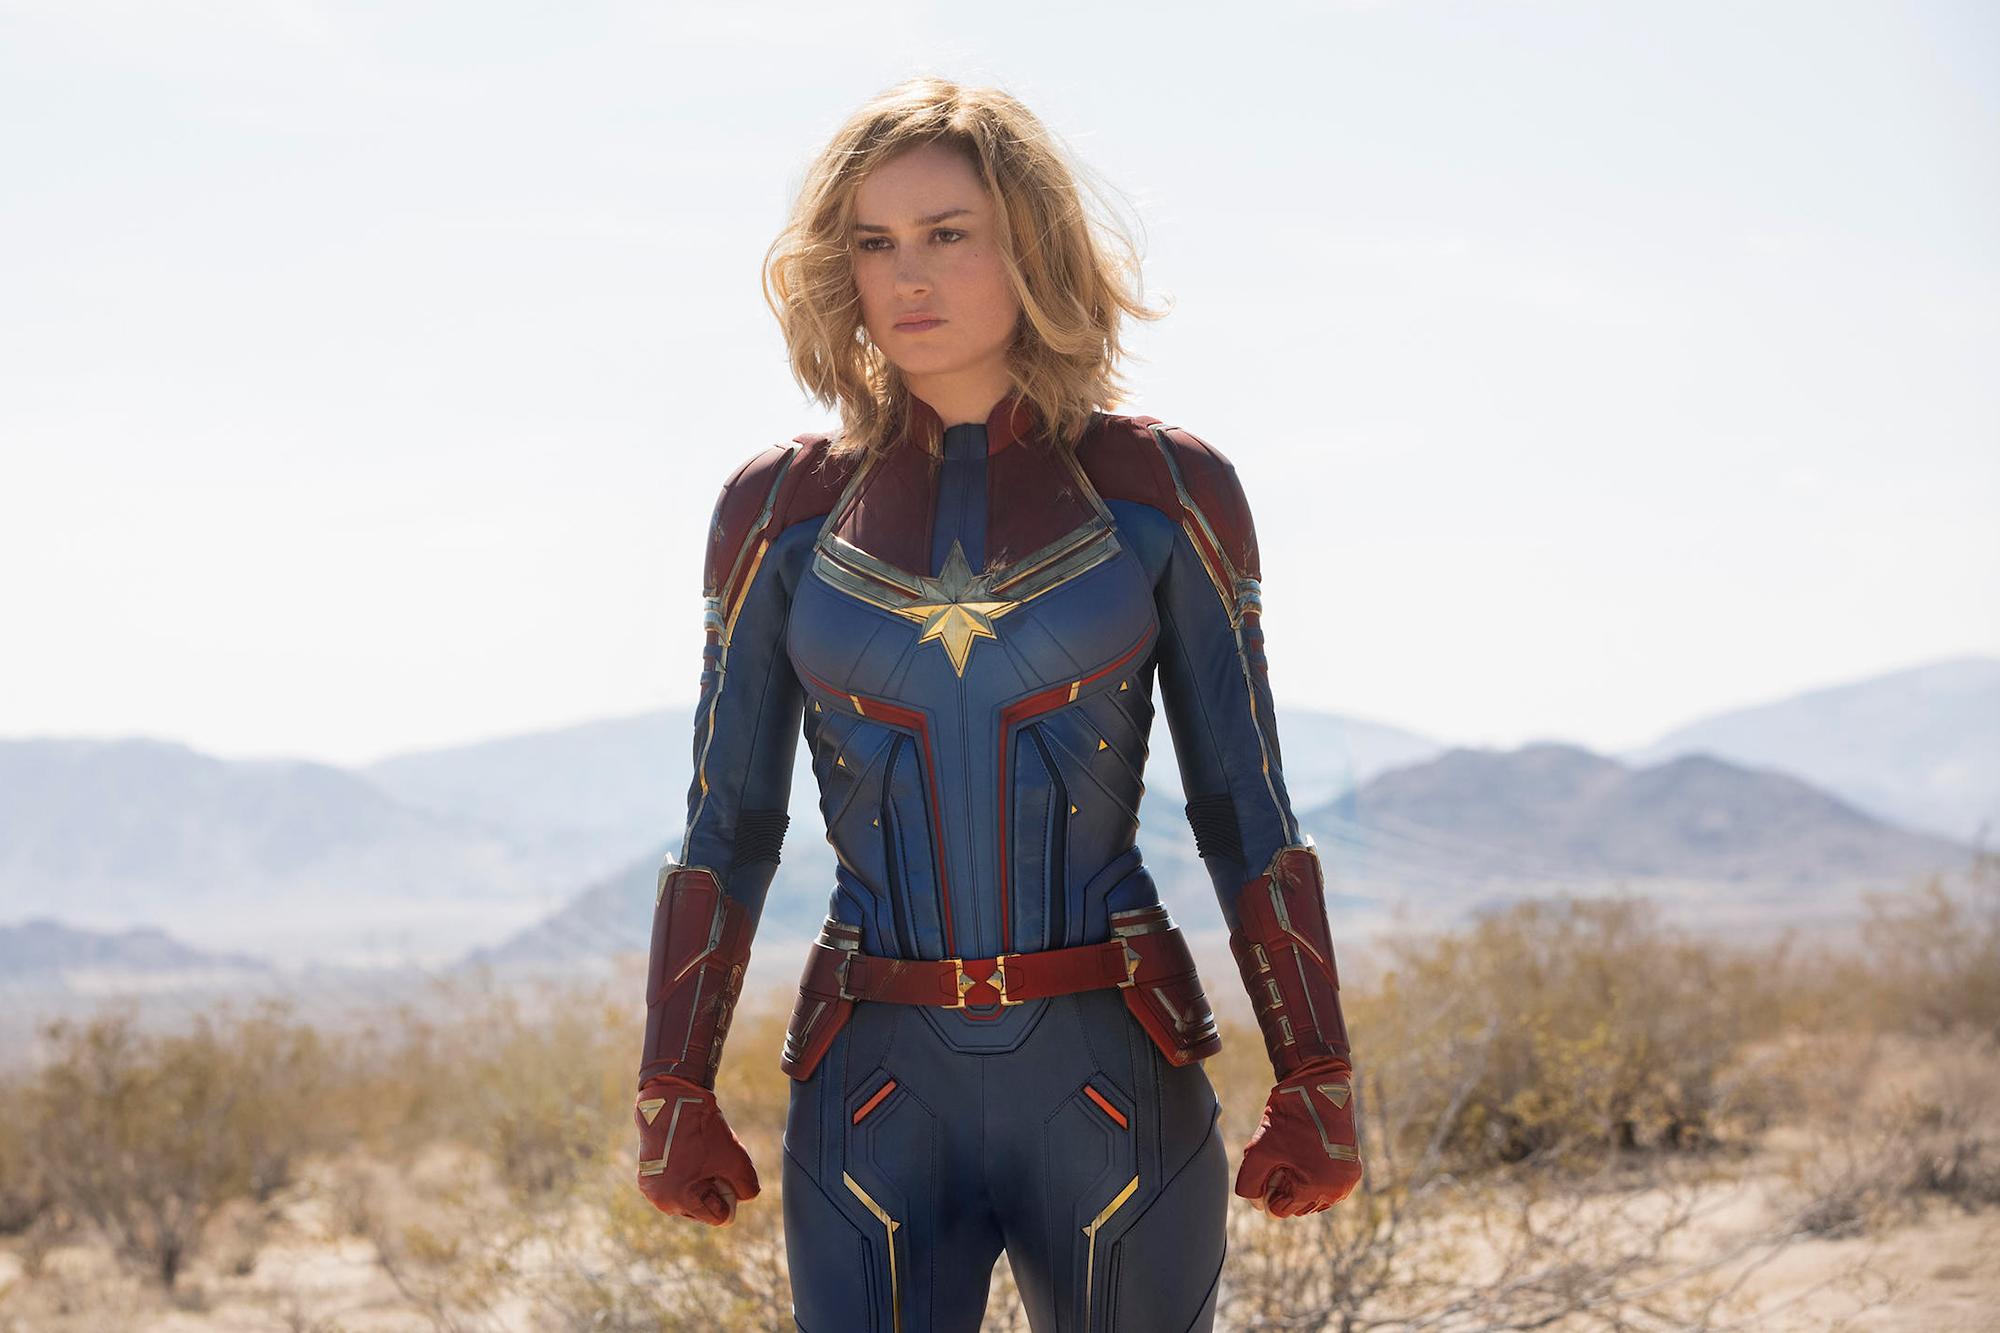 e1c09c811  Captain Marvel  Review  Brie Larson s Superheroine Deserves Better